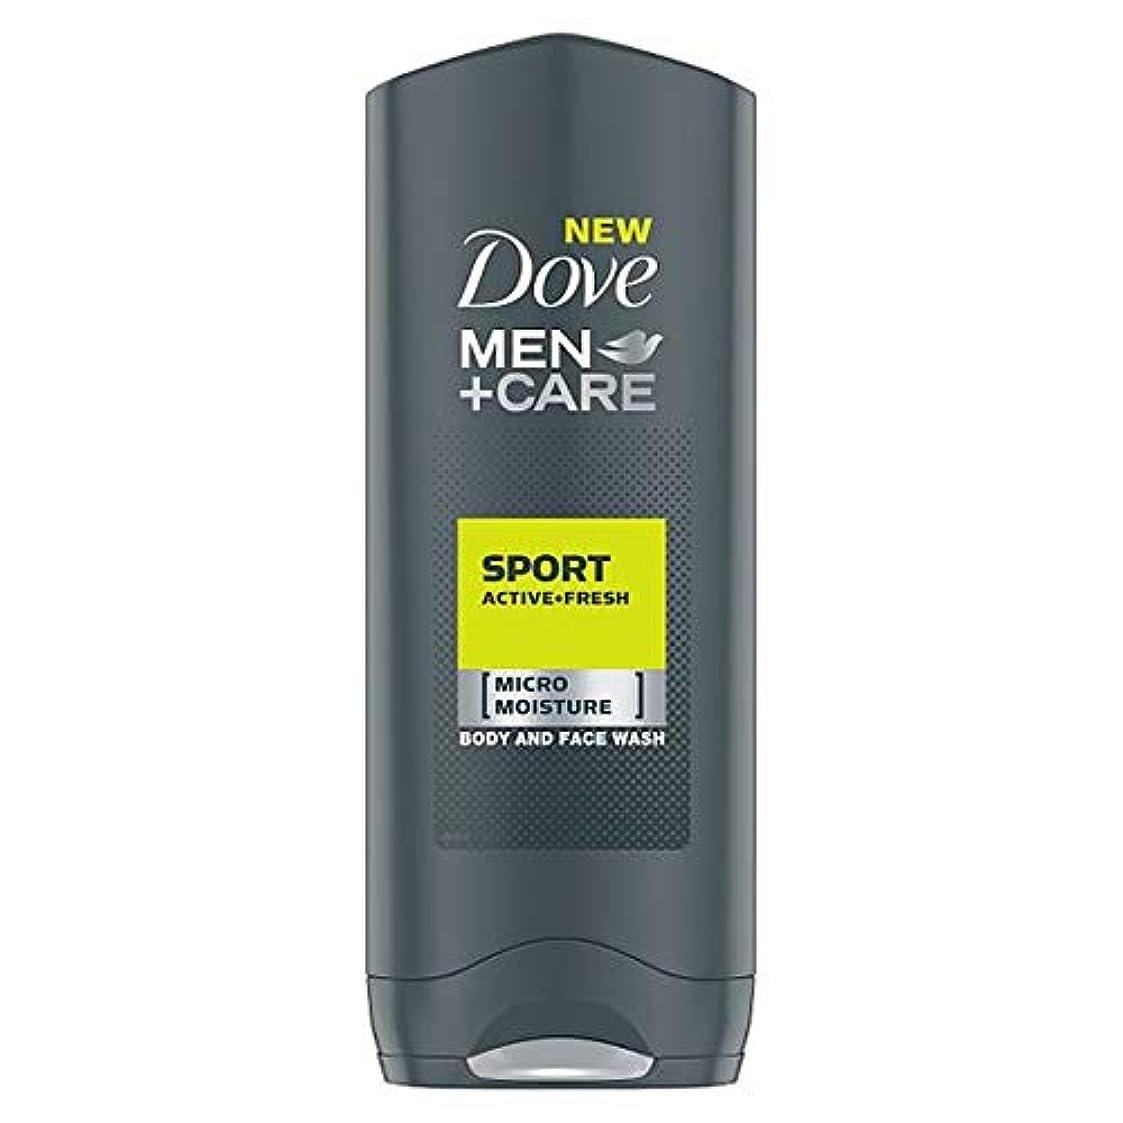 いたずら記念日扱いやすい[Dove] 鳩の男性+ケアスポーツアクティブフレッシュボディウォッシュ250ミリリットル - Dove Men+Care Sport Active Fresh Body Wash 250Ml [並行輸入品]